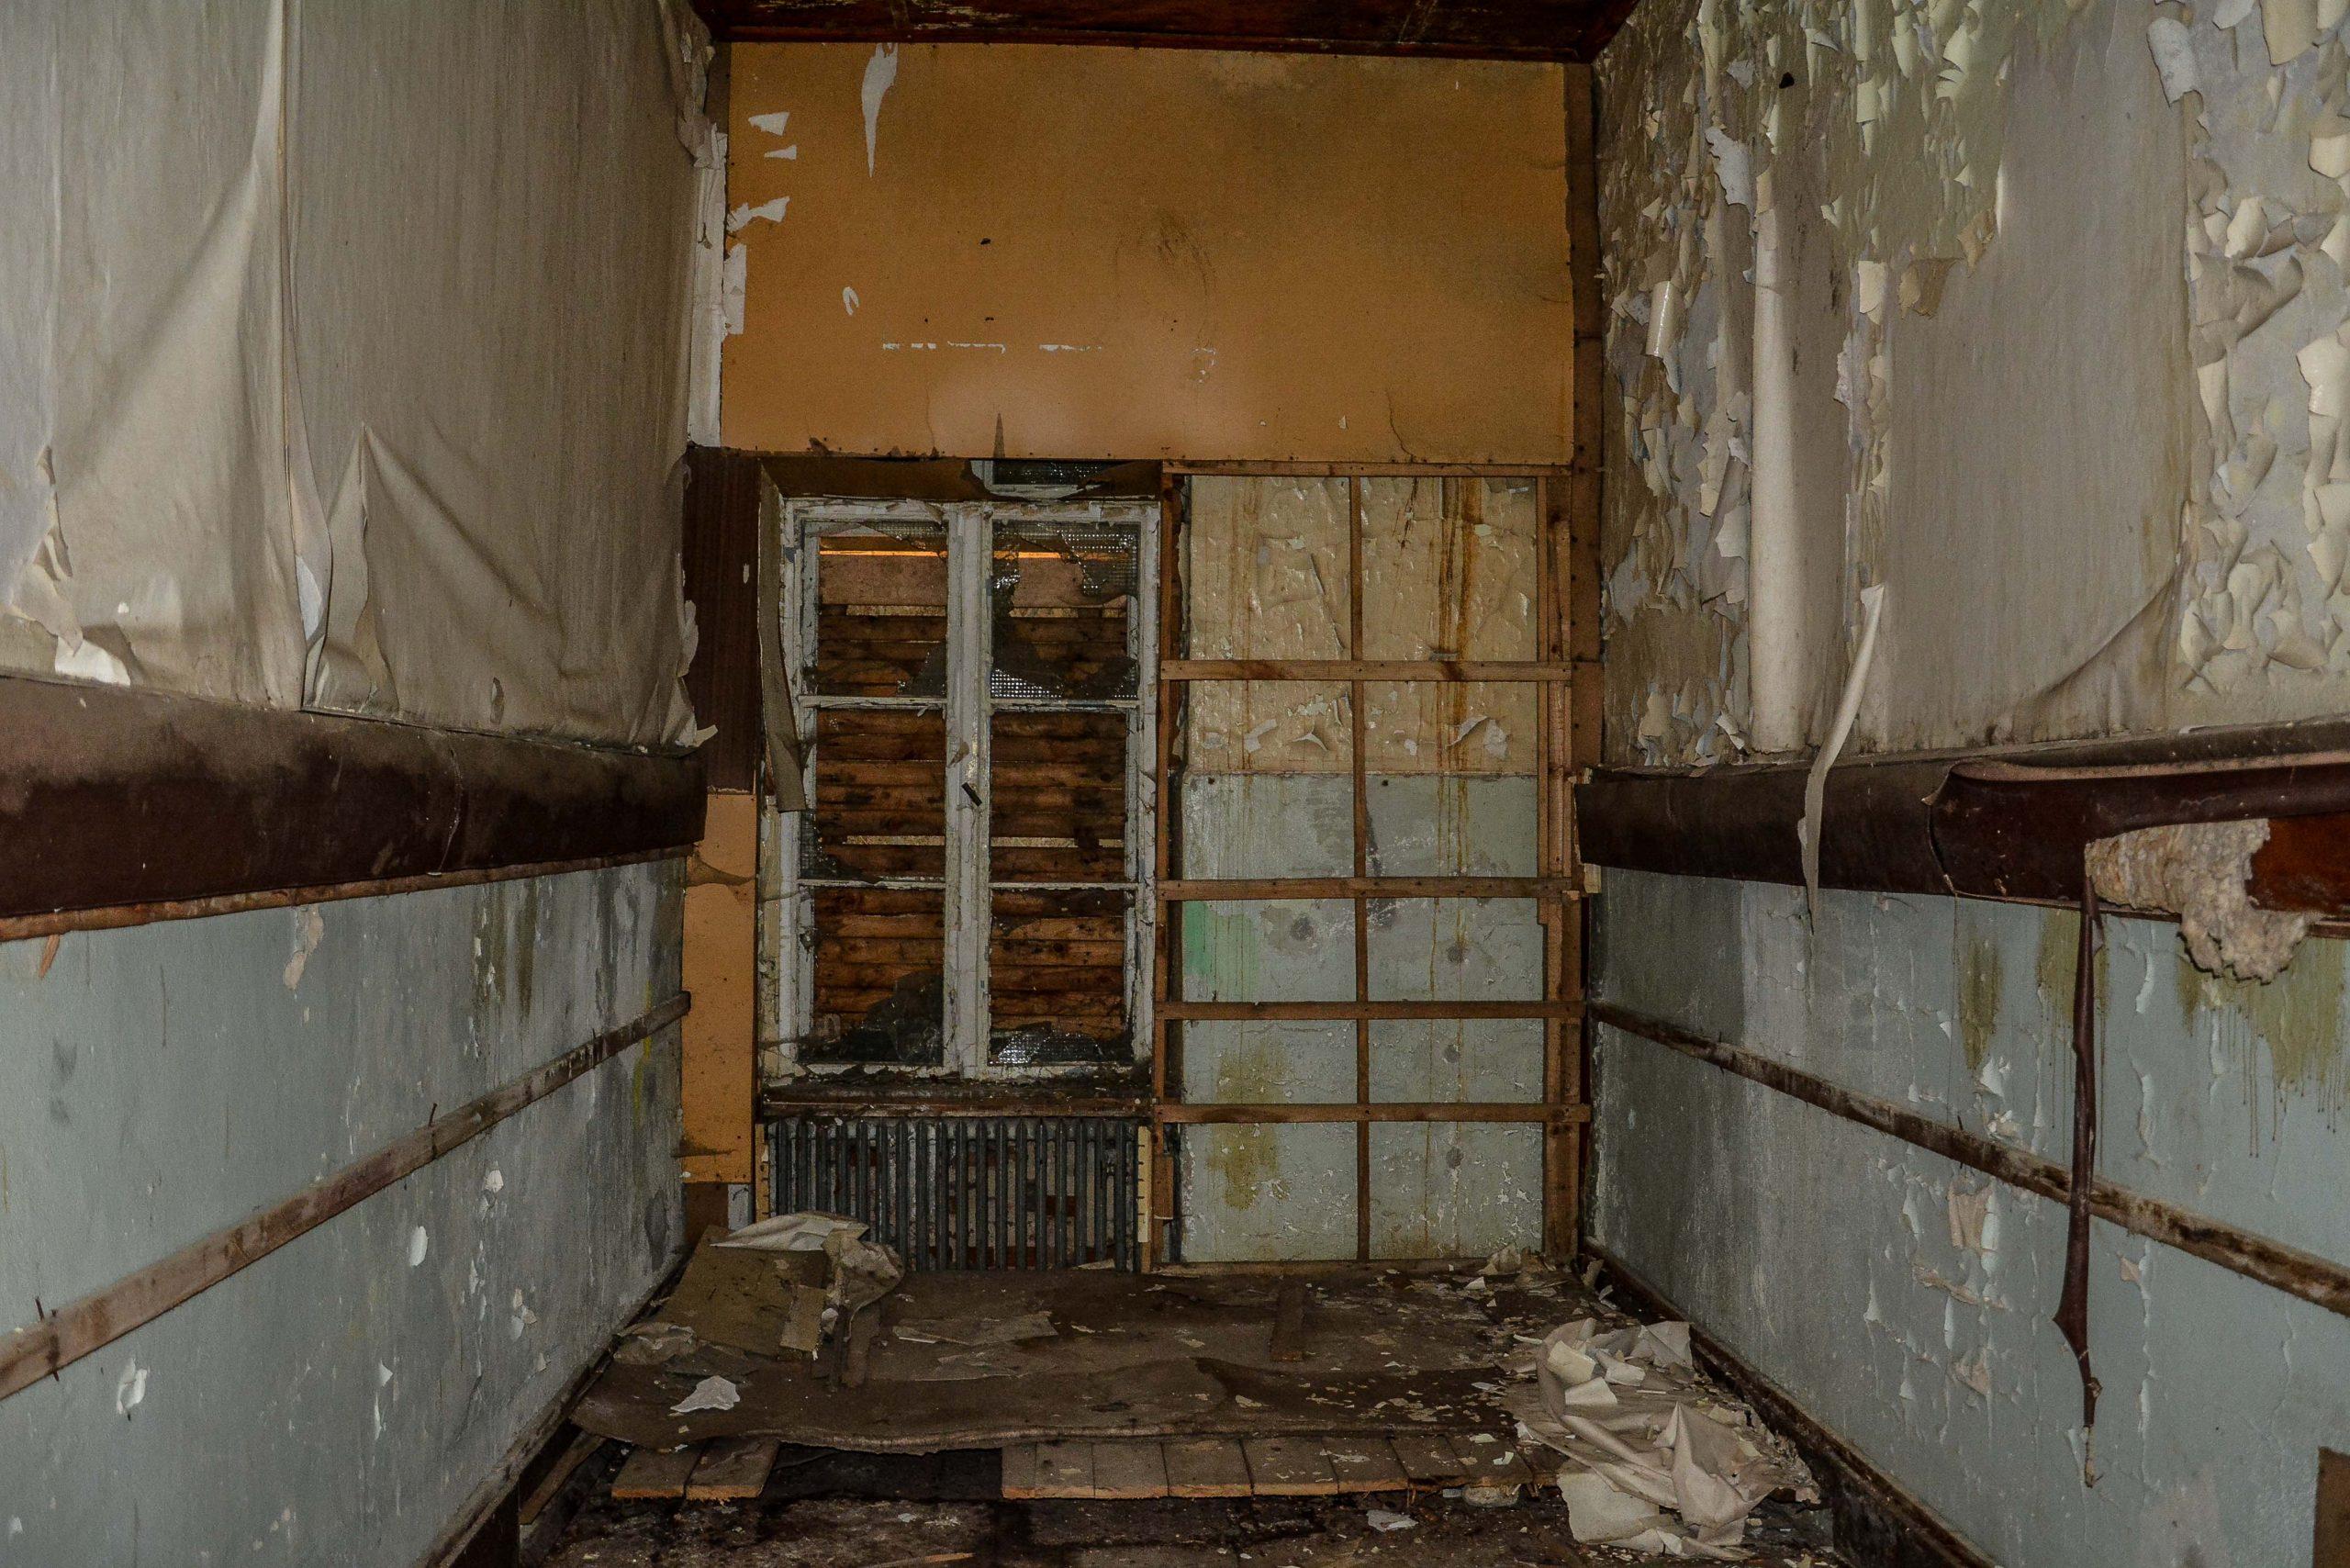 herrenhaus gentzrode arbeitszimmer lost places brandenburg neuruppin gut gentzrode ost deutschland urbex abandoned